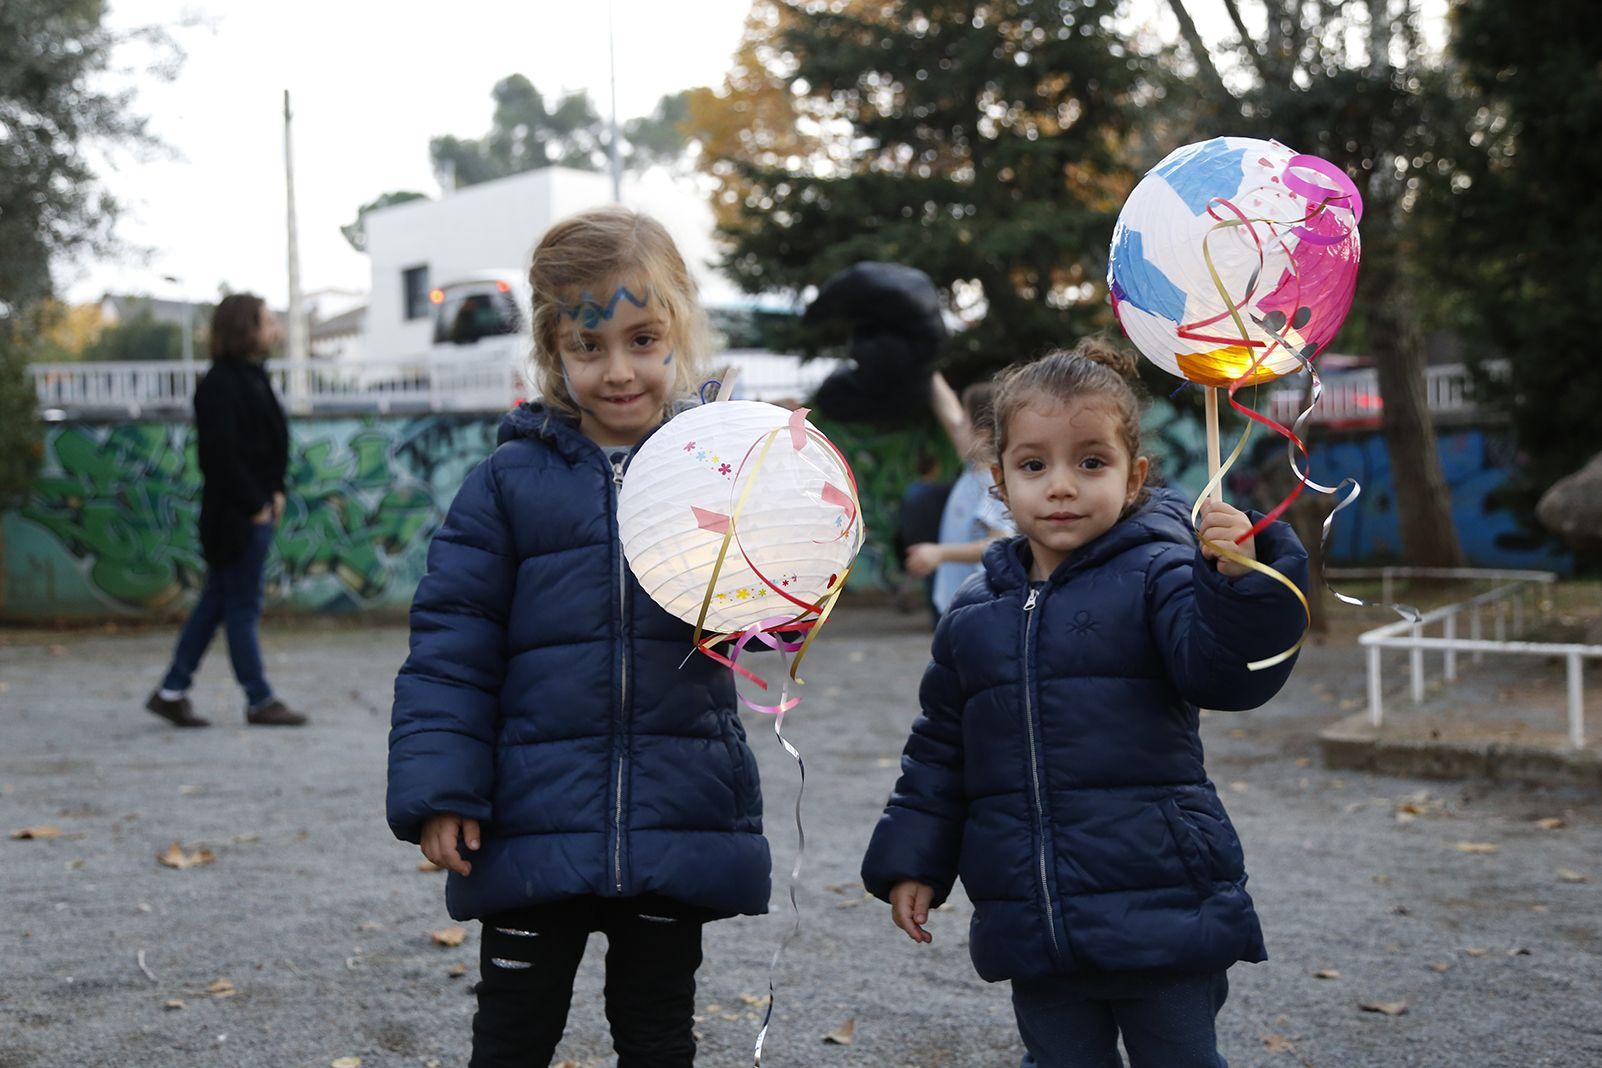 Tallers infantils a l'encesa de llums de nadal a Valldoreix. FOTO: Anna Bassa